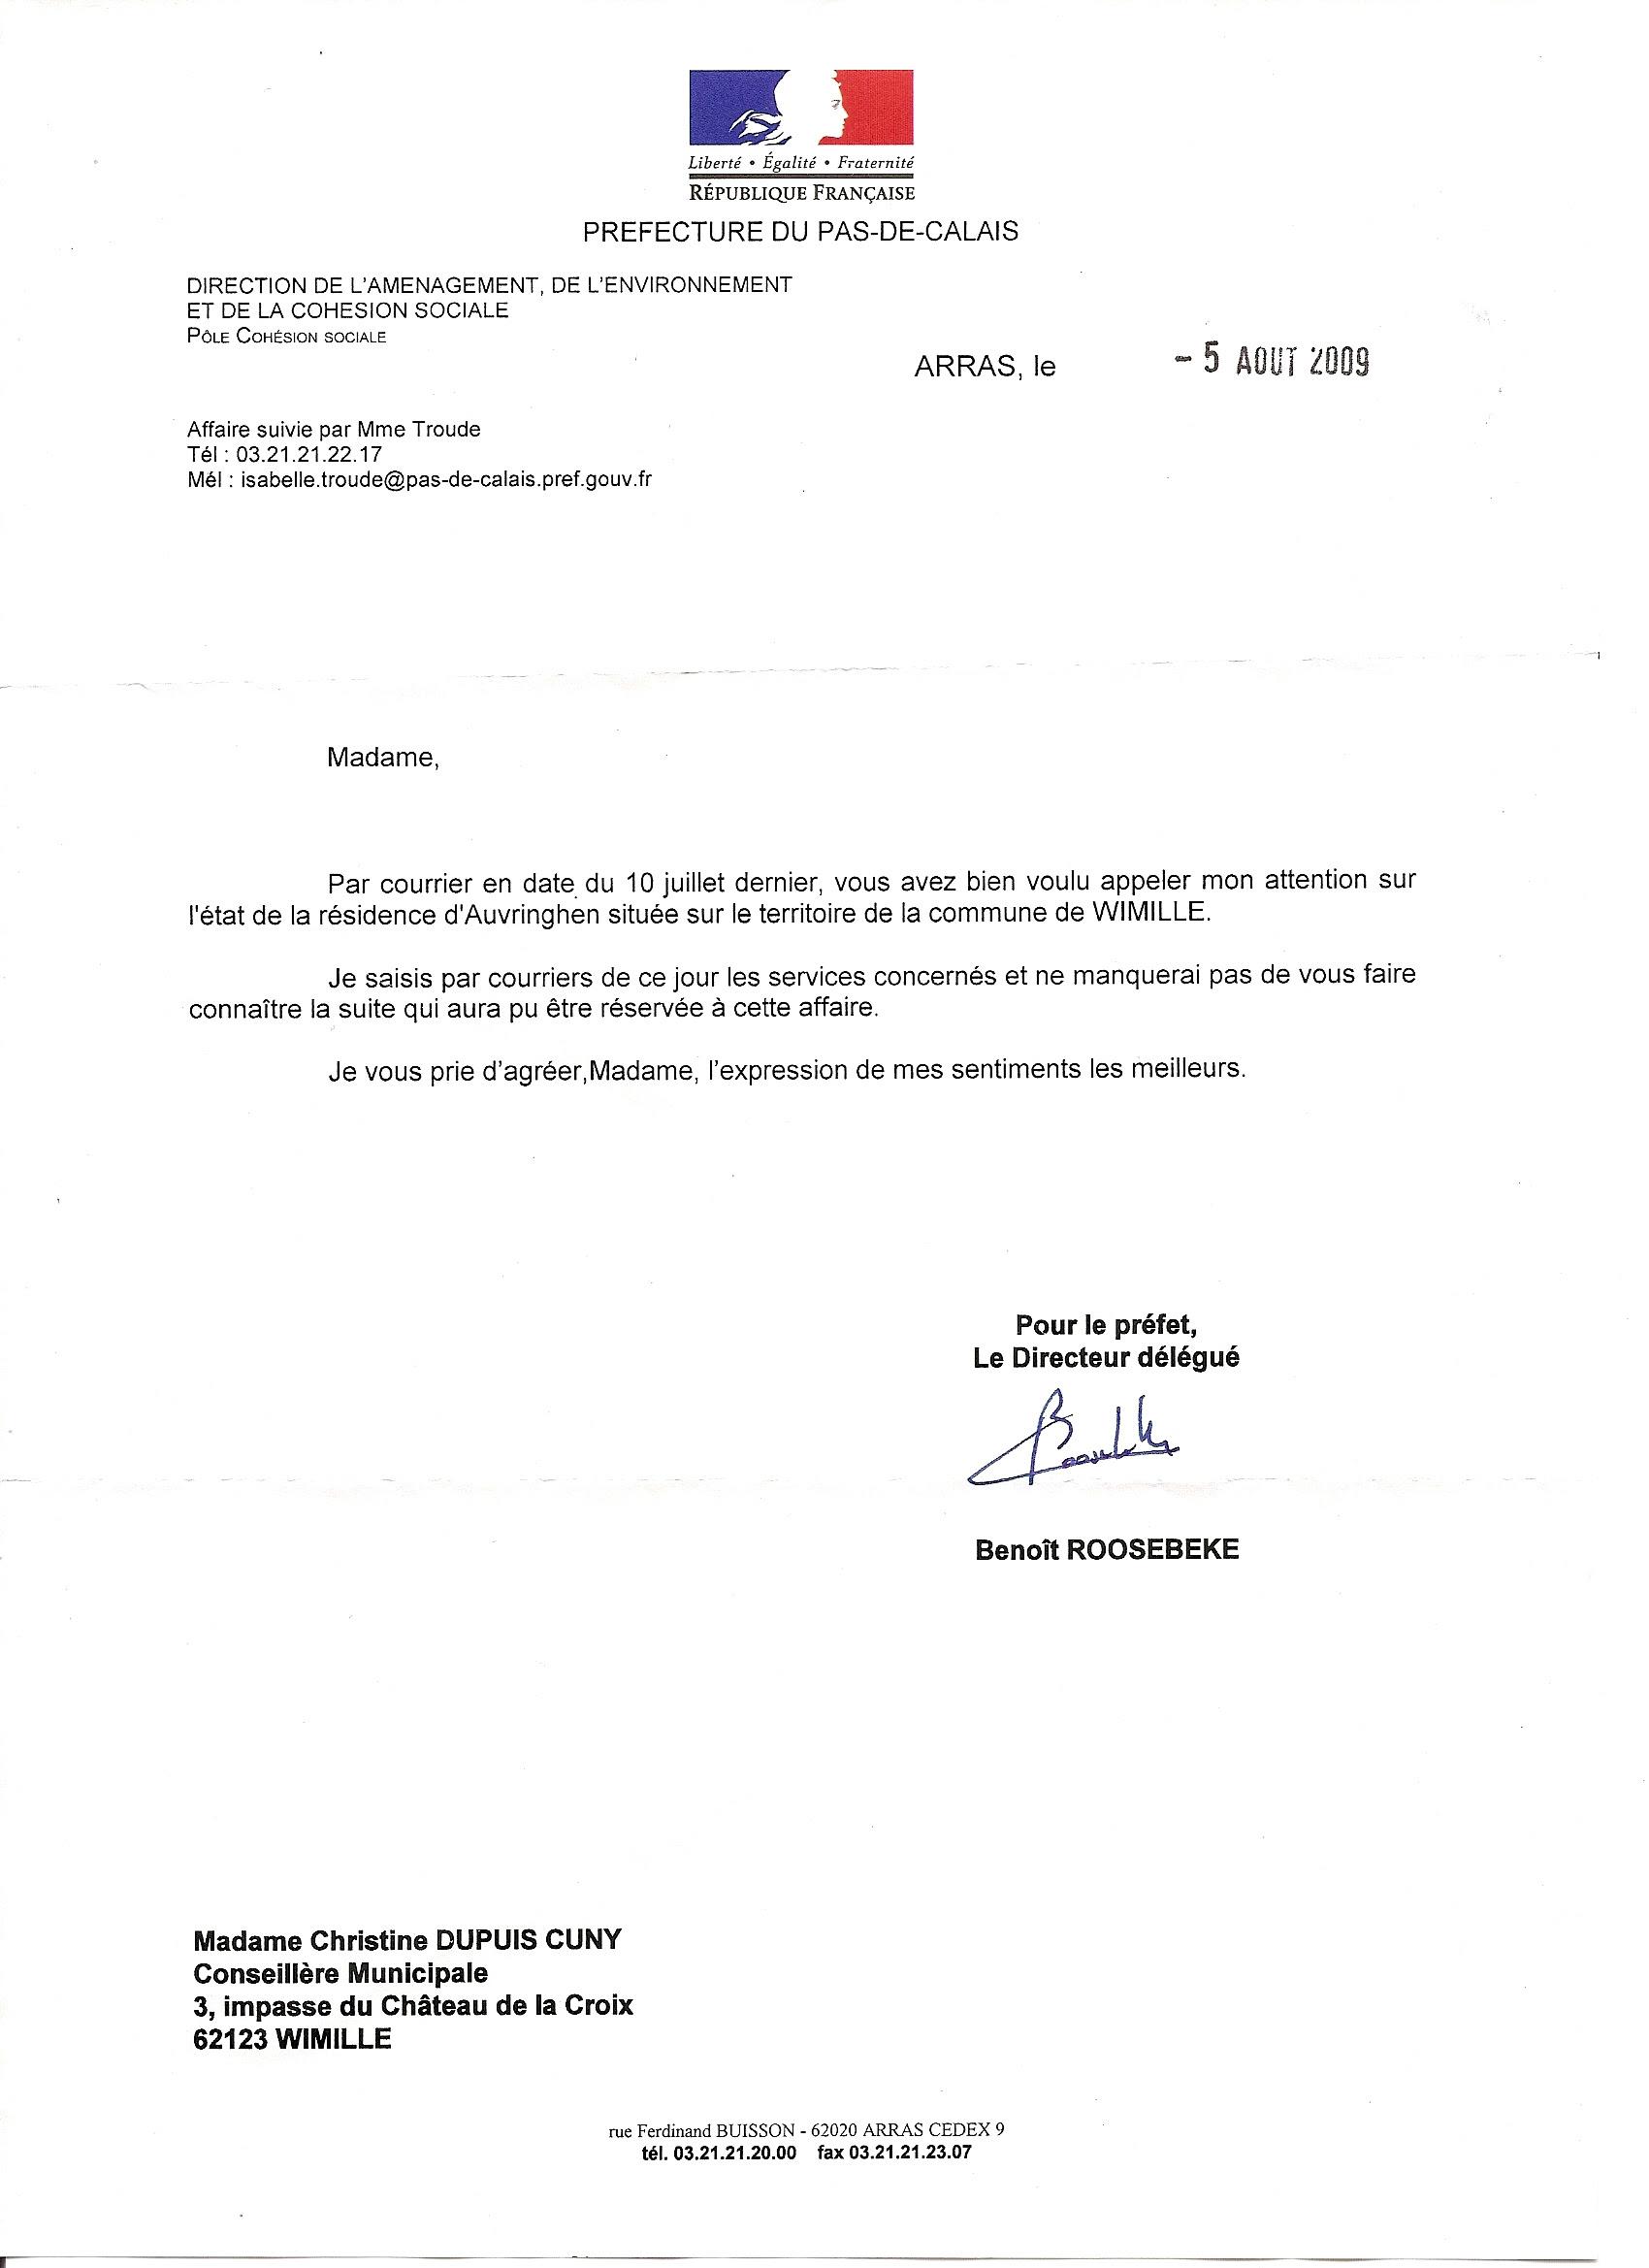 cover letter example  exemple de lettre de motivation g u00e9n u00e9rale